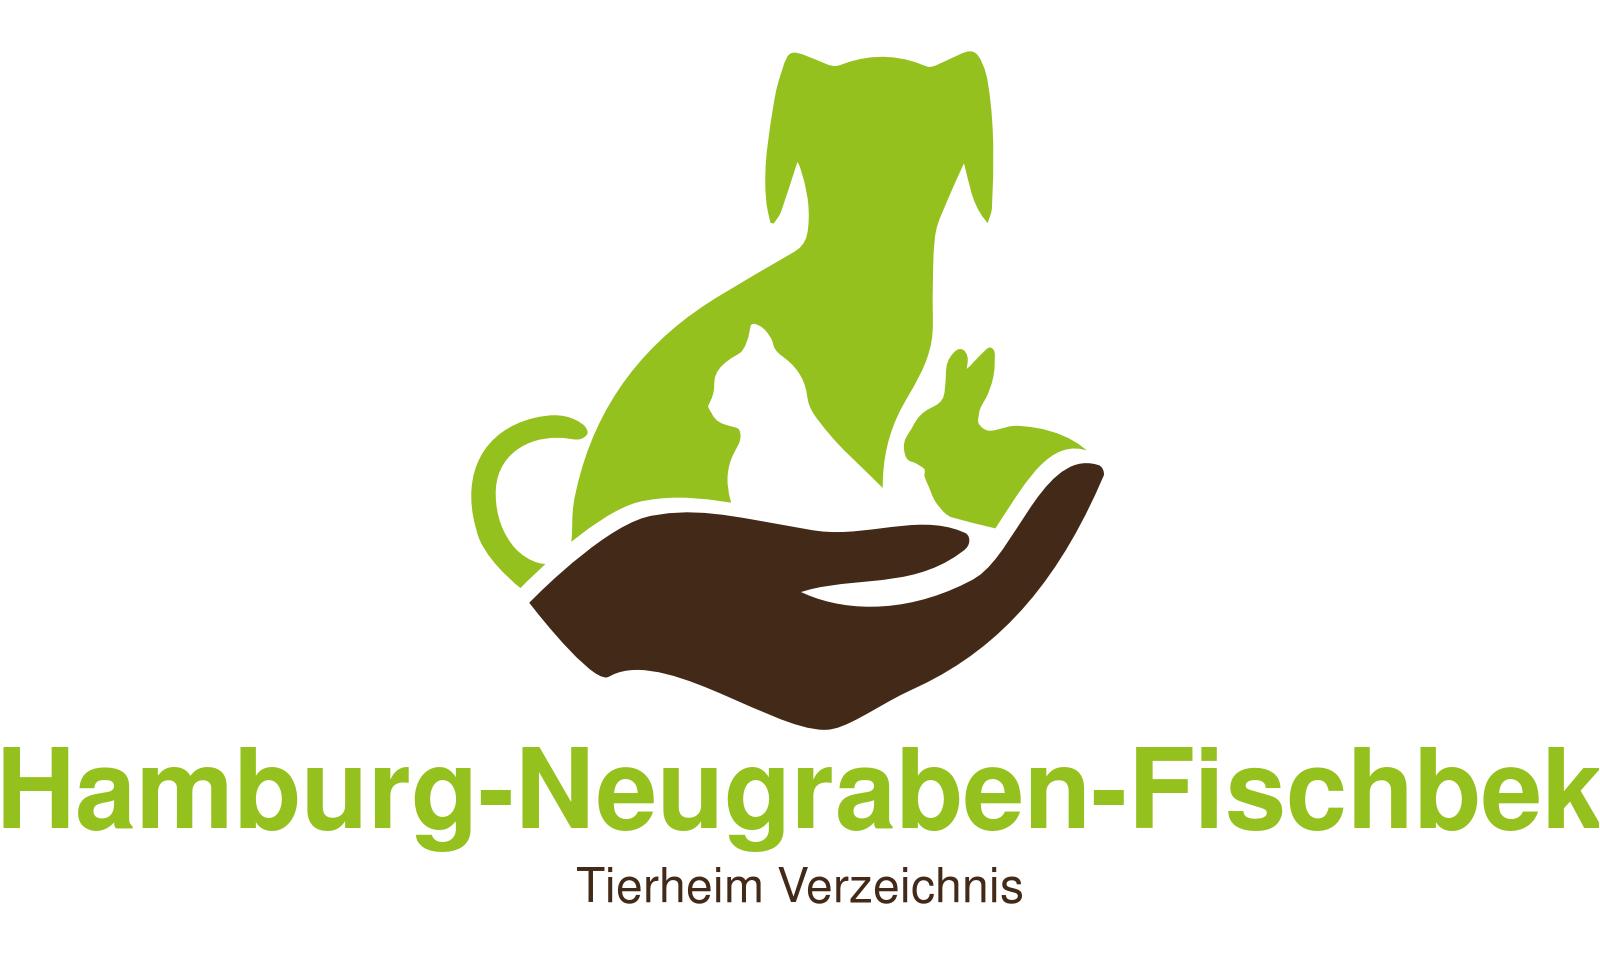 Tierheim Hamburg Neugraben-Fischbek